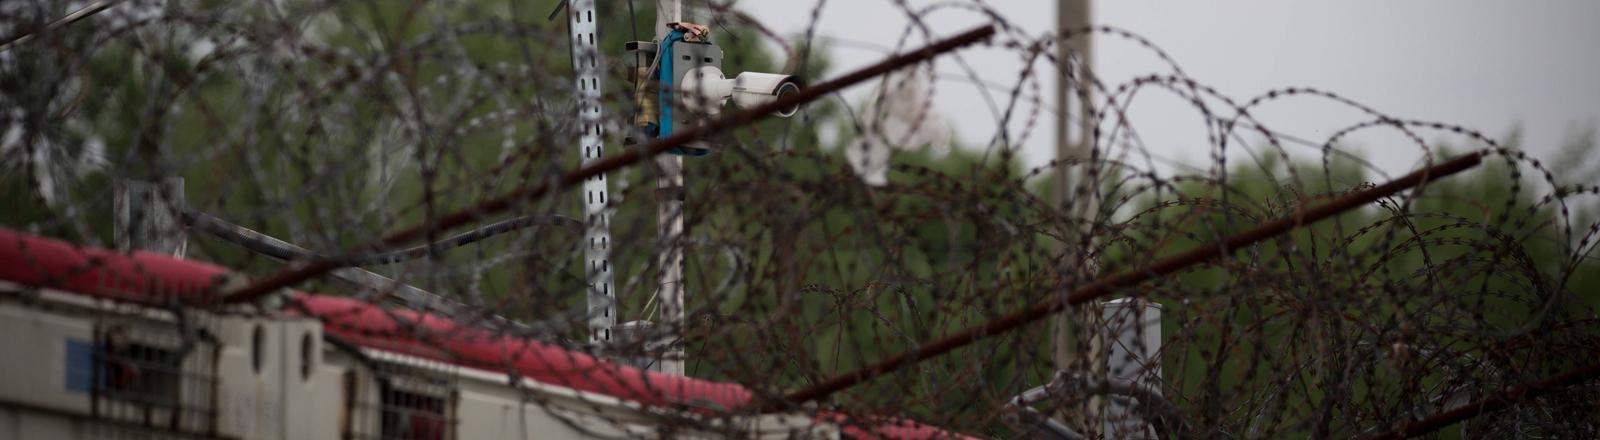 Grenzzaun mit Stacheldraht an der ungarischen Grenze